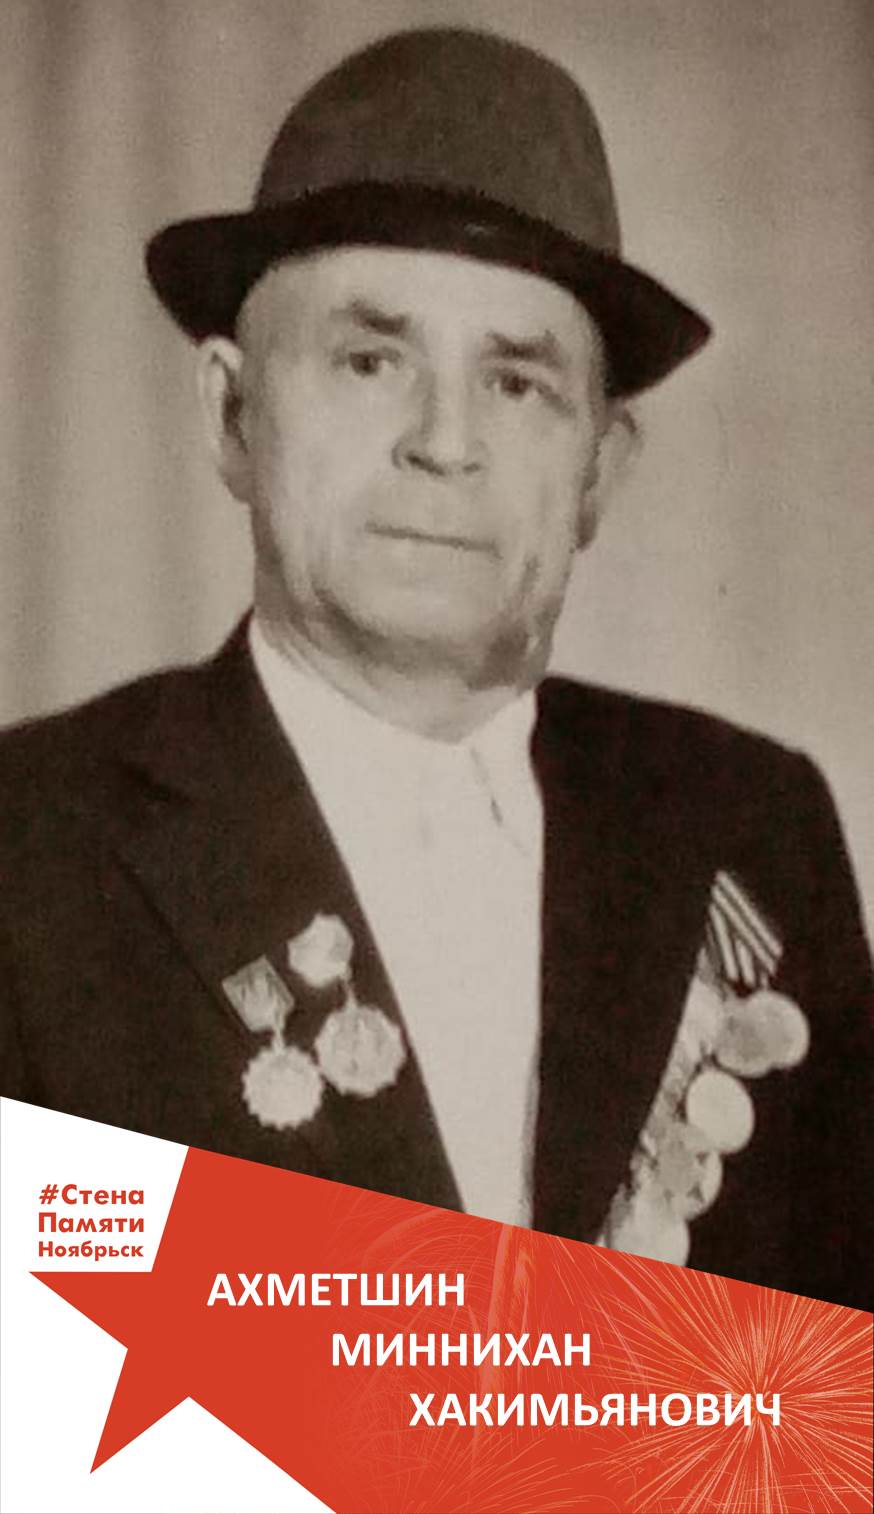 Ахметшин Миннихан Хакимьянович